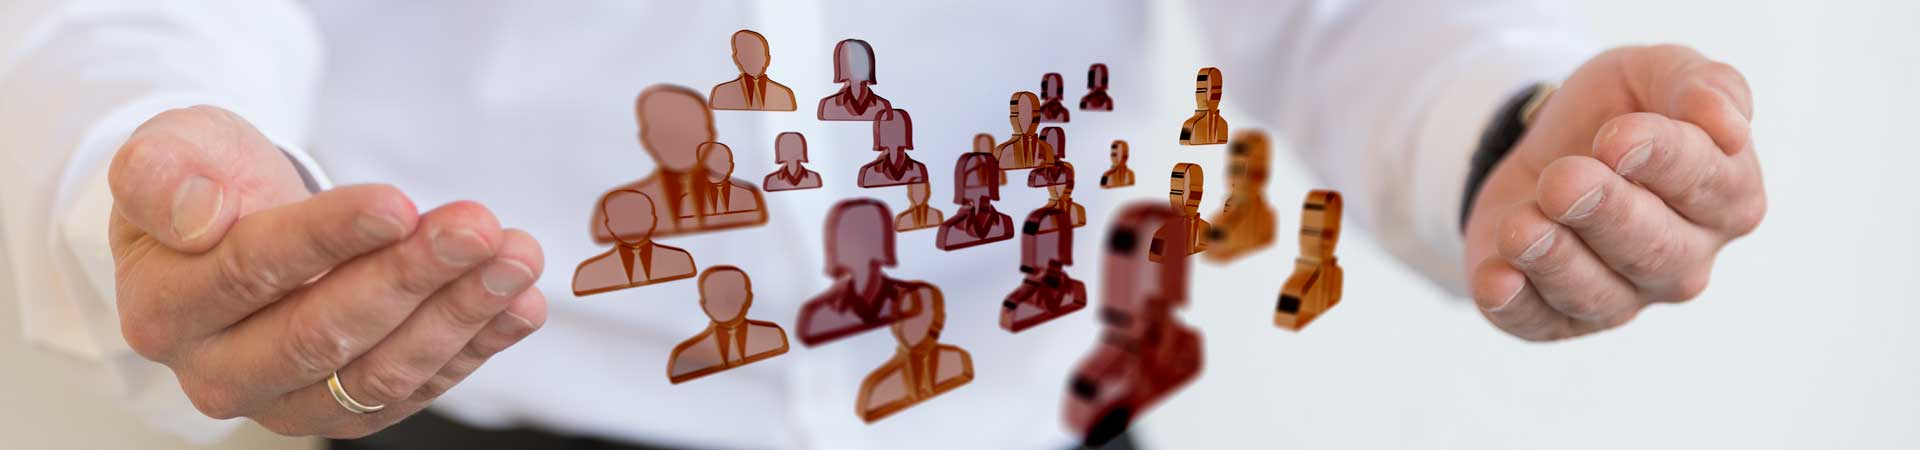 Klausuren und Großgruppen gelingen lassen